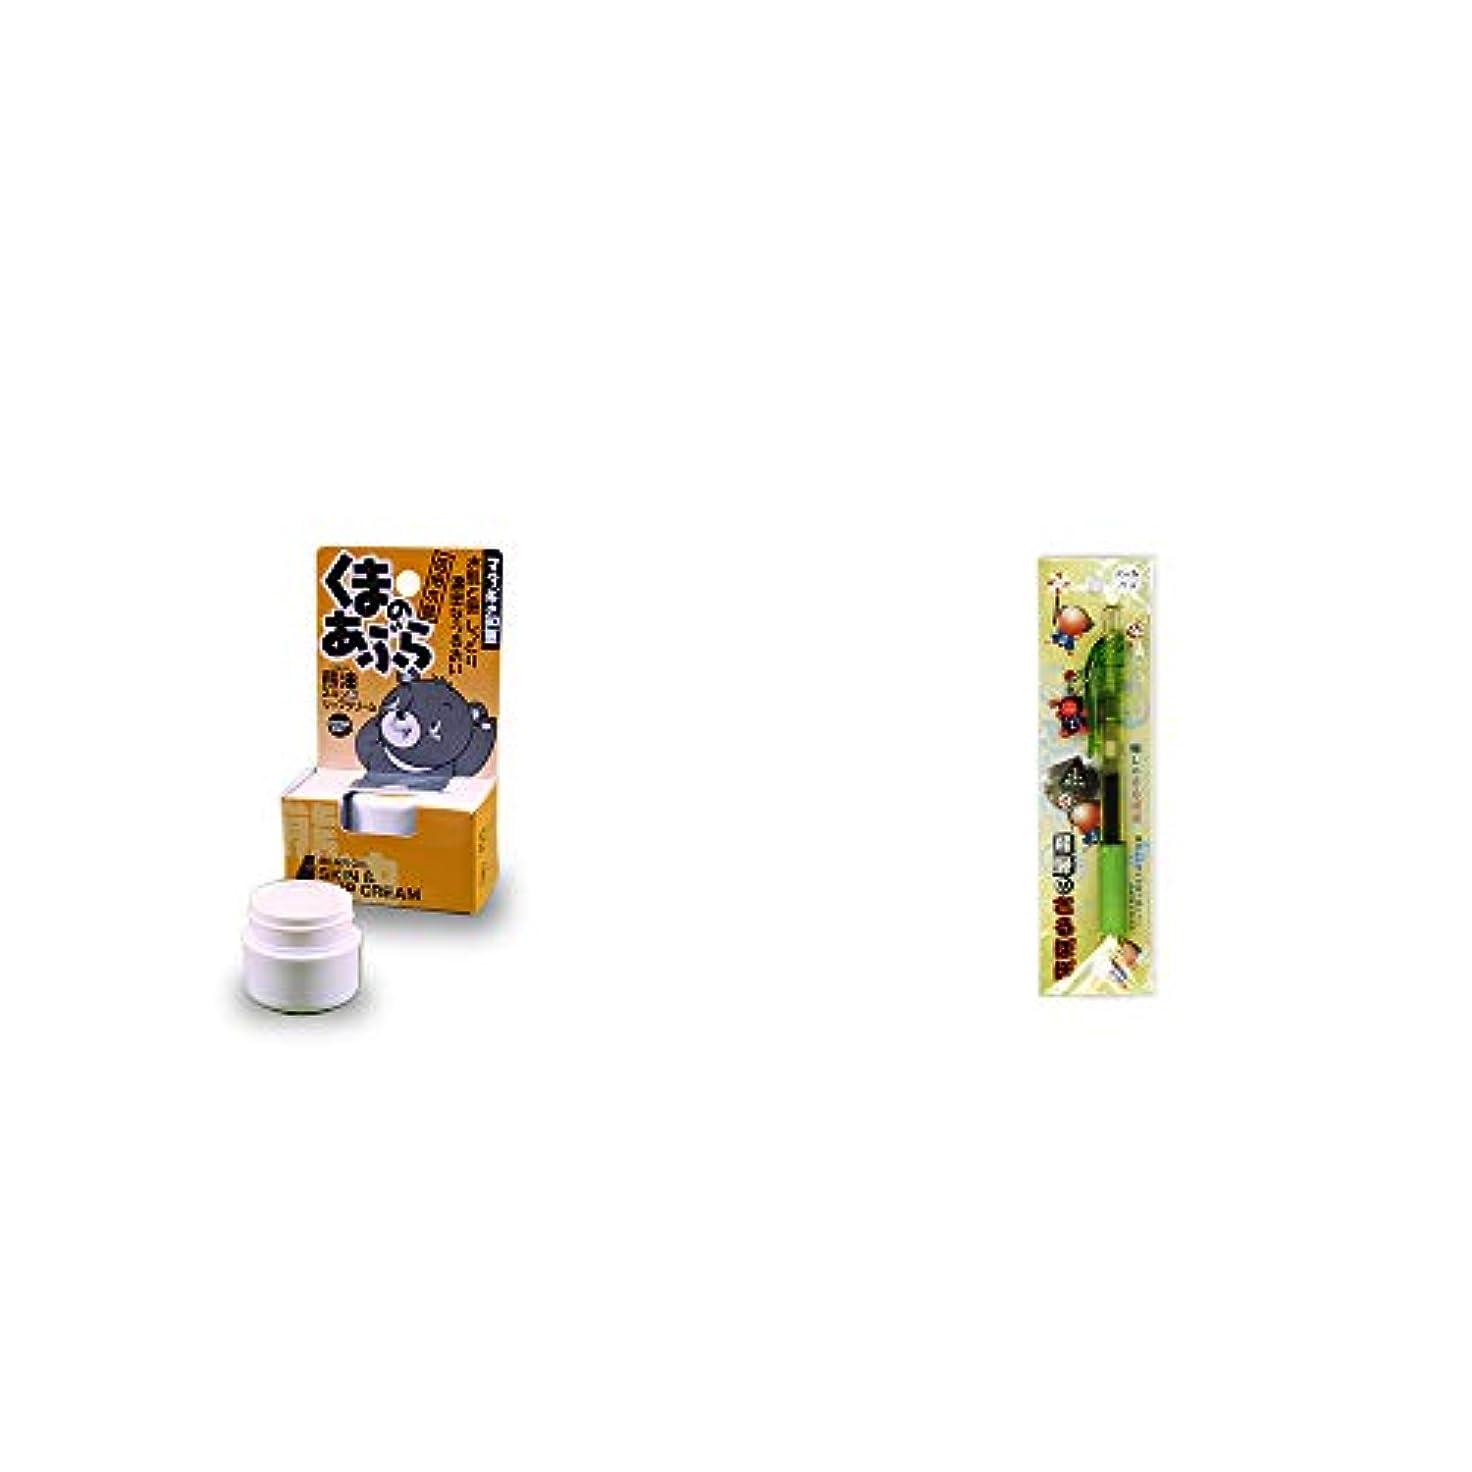 教え合理化個人的な[2点セット] 信州木曽 くまのあぶら 熊油スキン&リップクリーム(9g)?さるぼぼ 癒しボールペン 【グリーン】